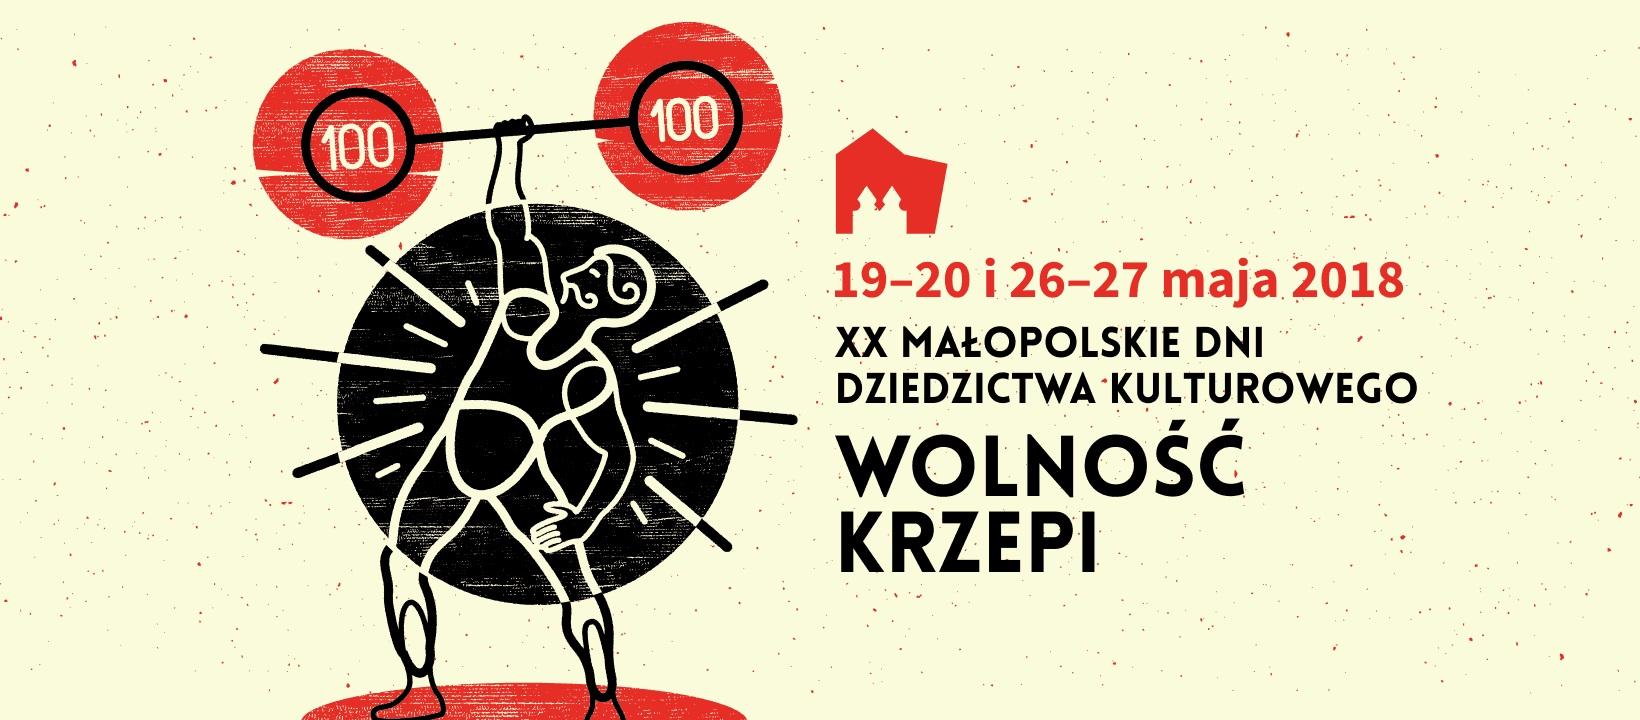 XX Małopolskie Dni Dziedzictwa Kulturowego (źródło: materiały prasowe organizatora)